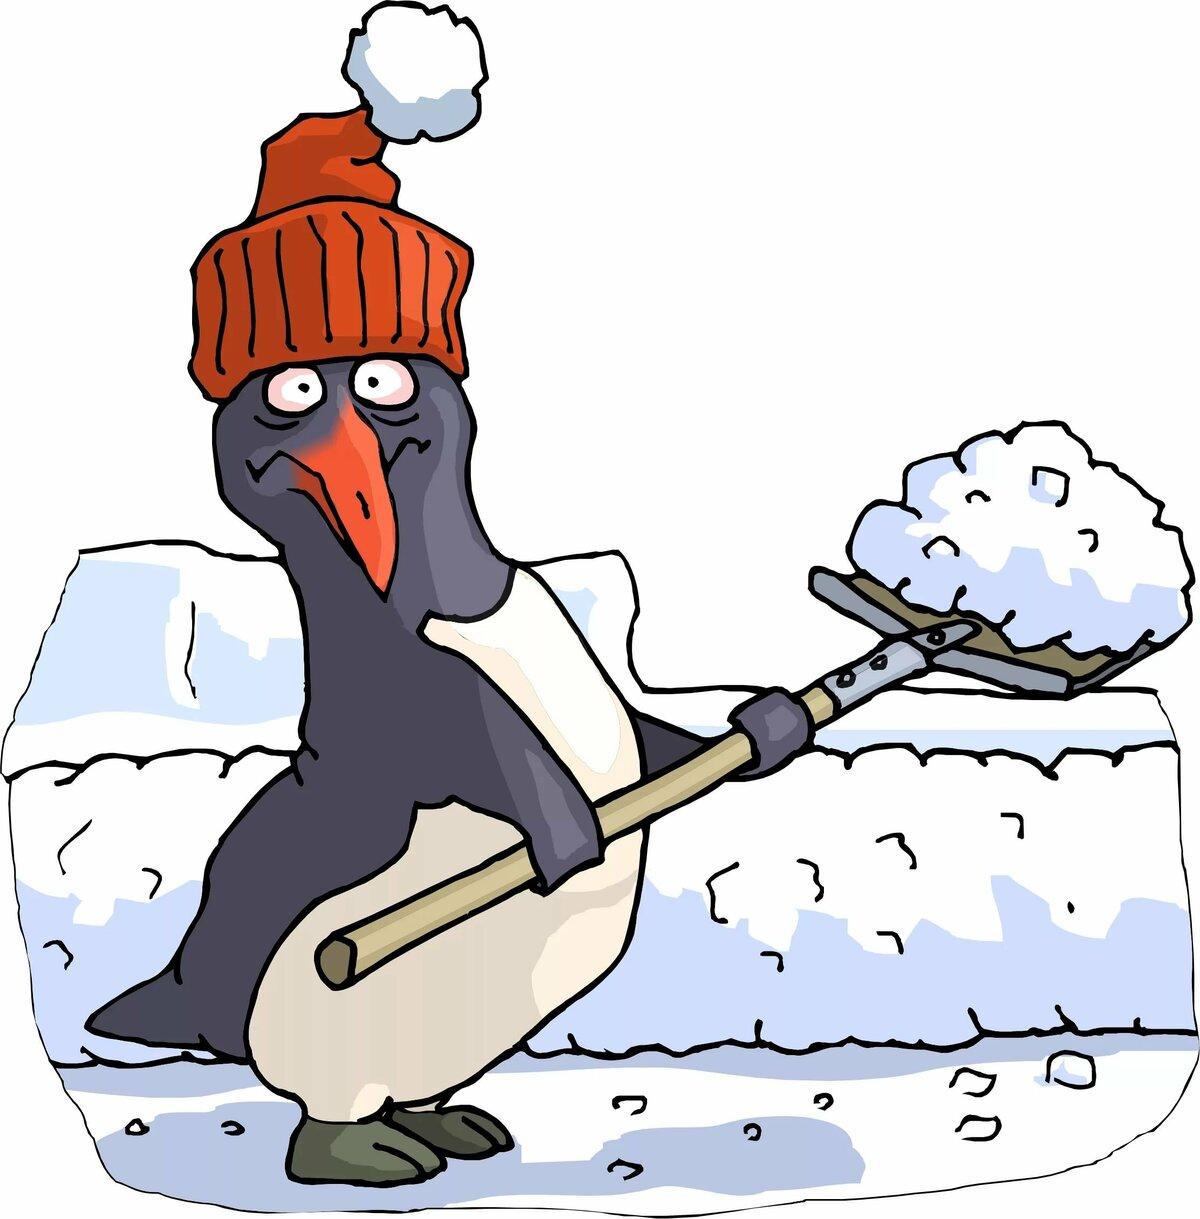 открытки с лопатами морозоустойчивая культура, именно